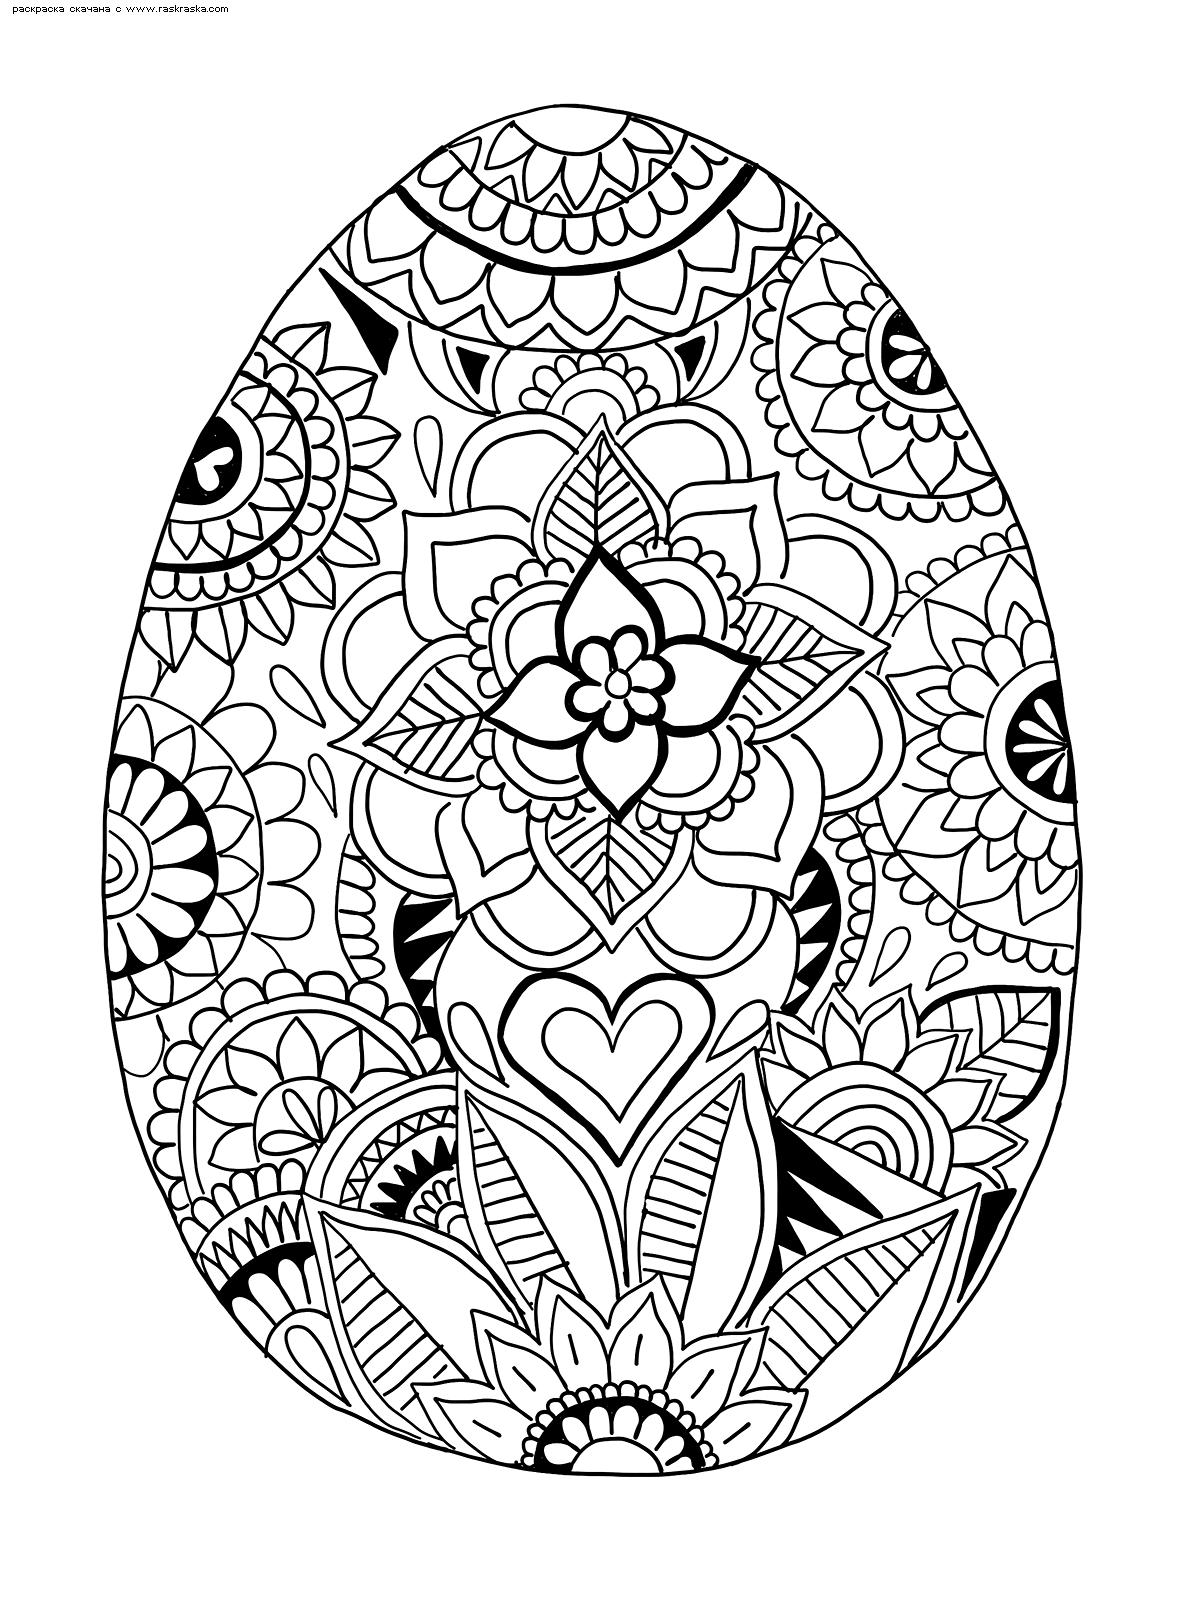 Раскраска Пасхальное яйцо | Раскраски антистресс к Пасхе ...